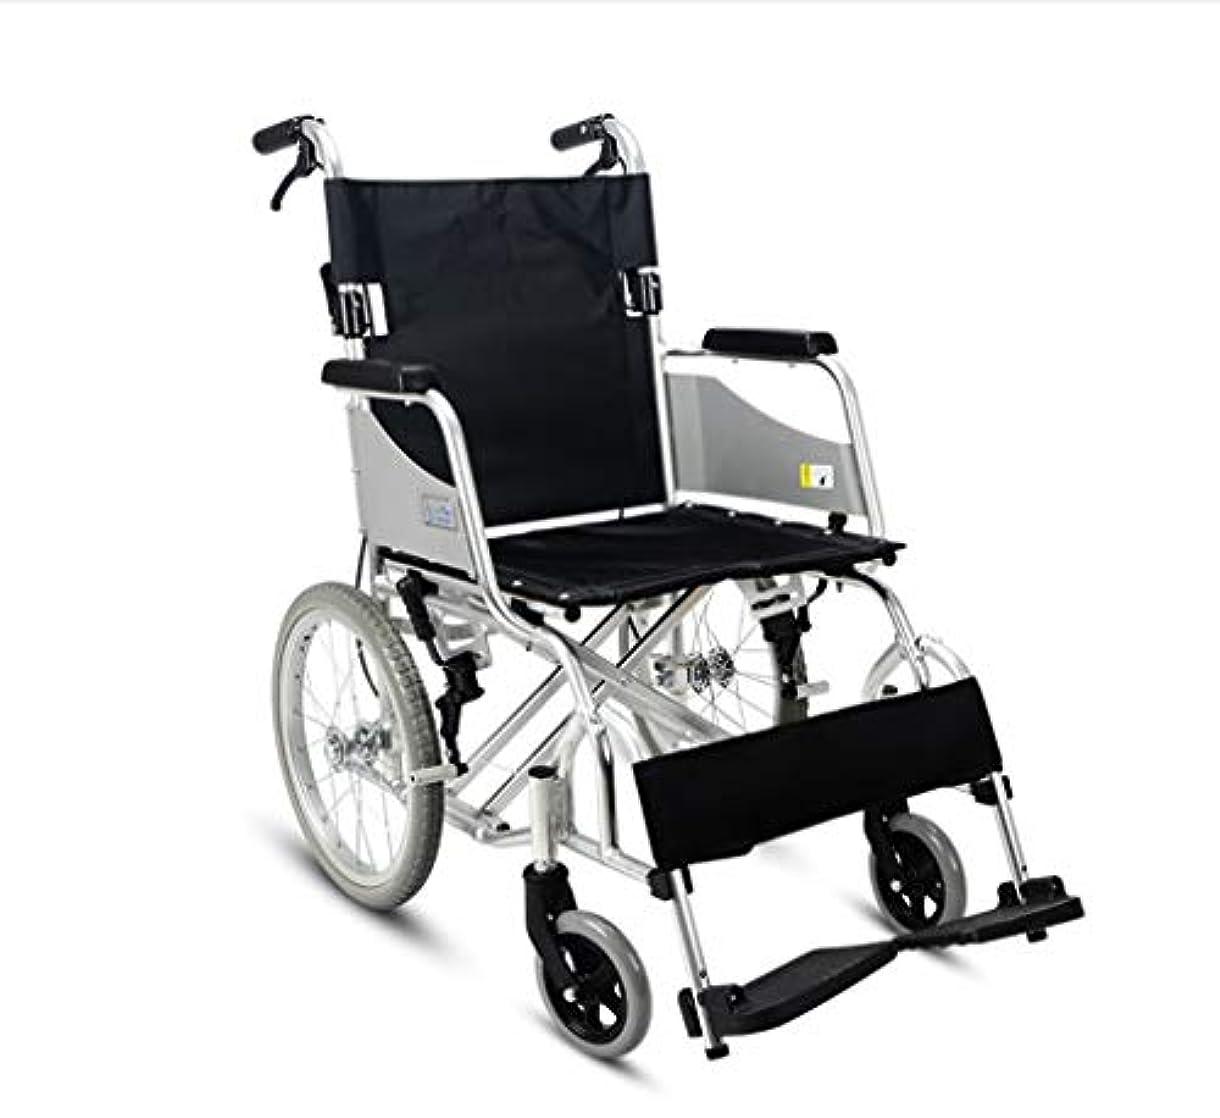 うねる最適アシスト車椅子高齢者ポータブル、折りたたみハンドプッシュ屋外旅行車椅子